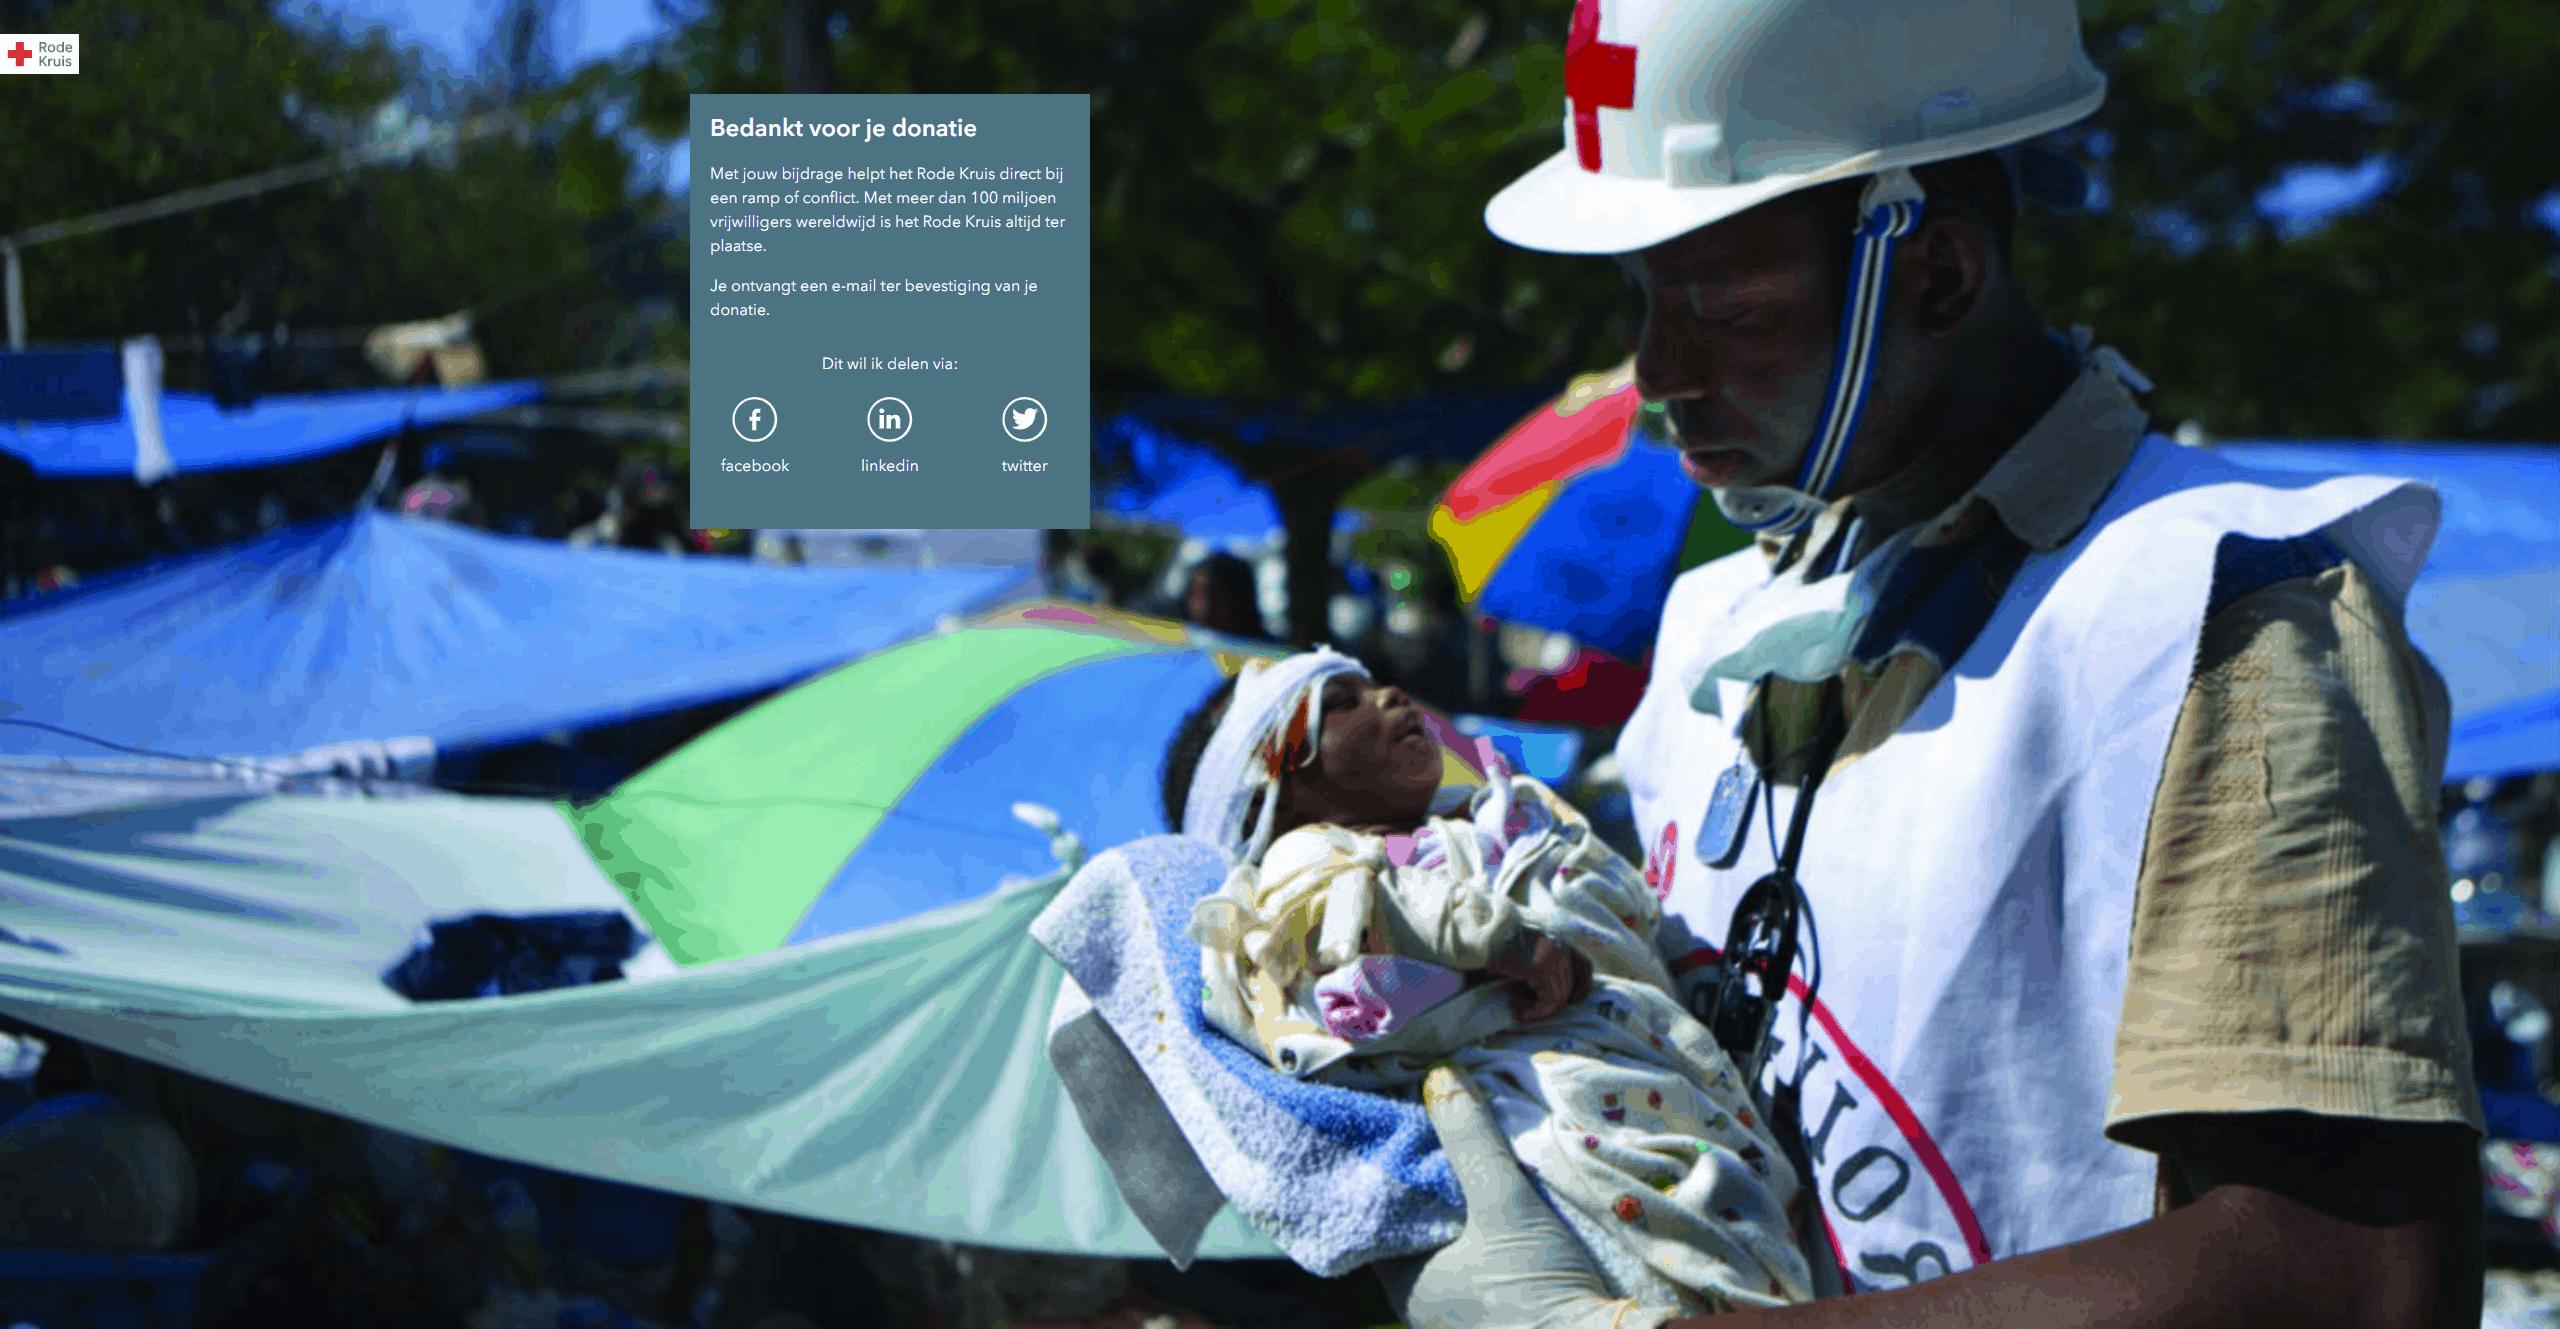 Donatie Rode Kruis voor NOW-regeling template